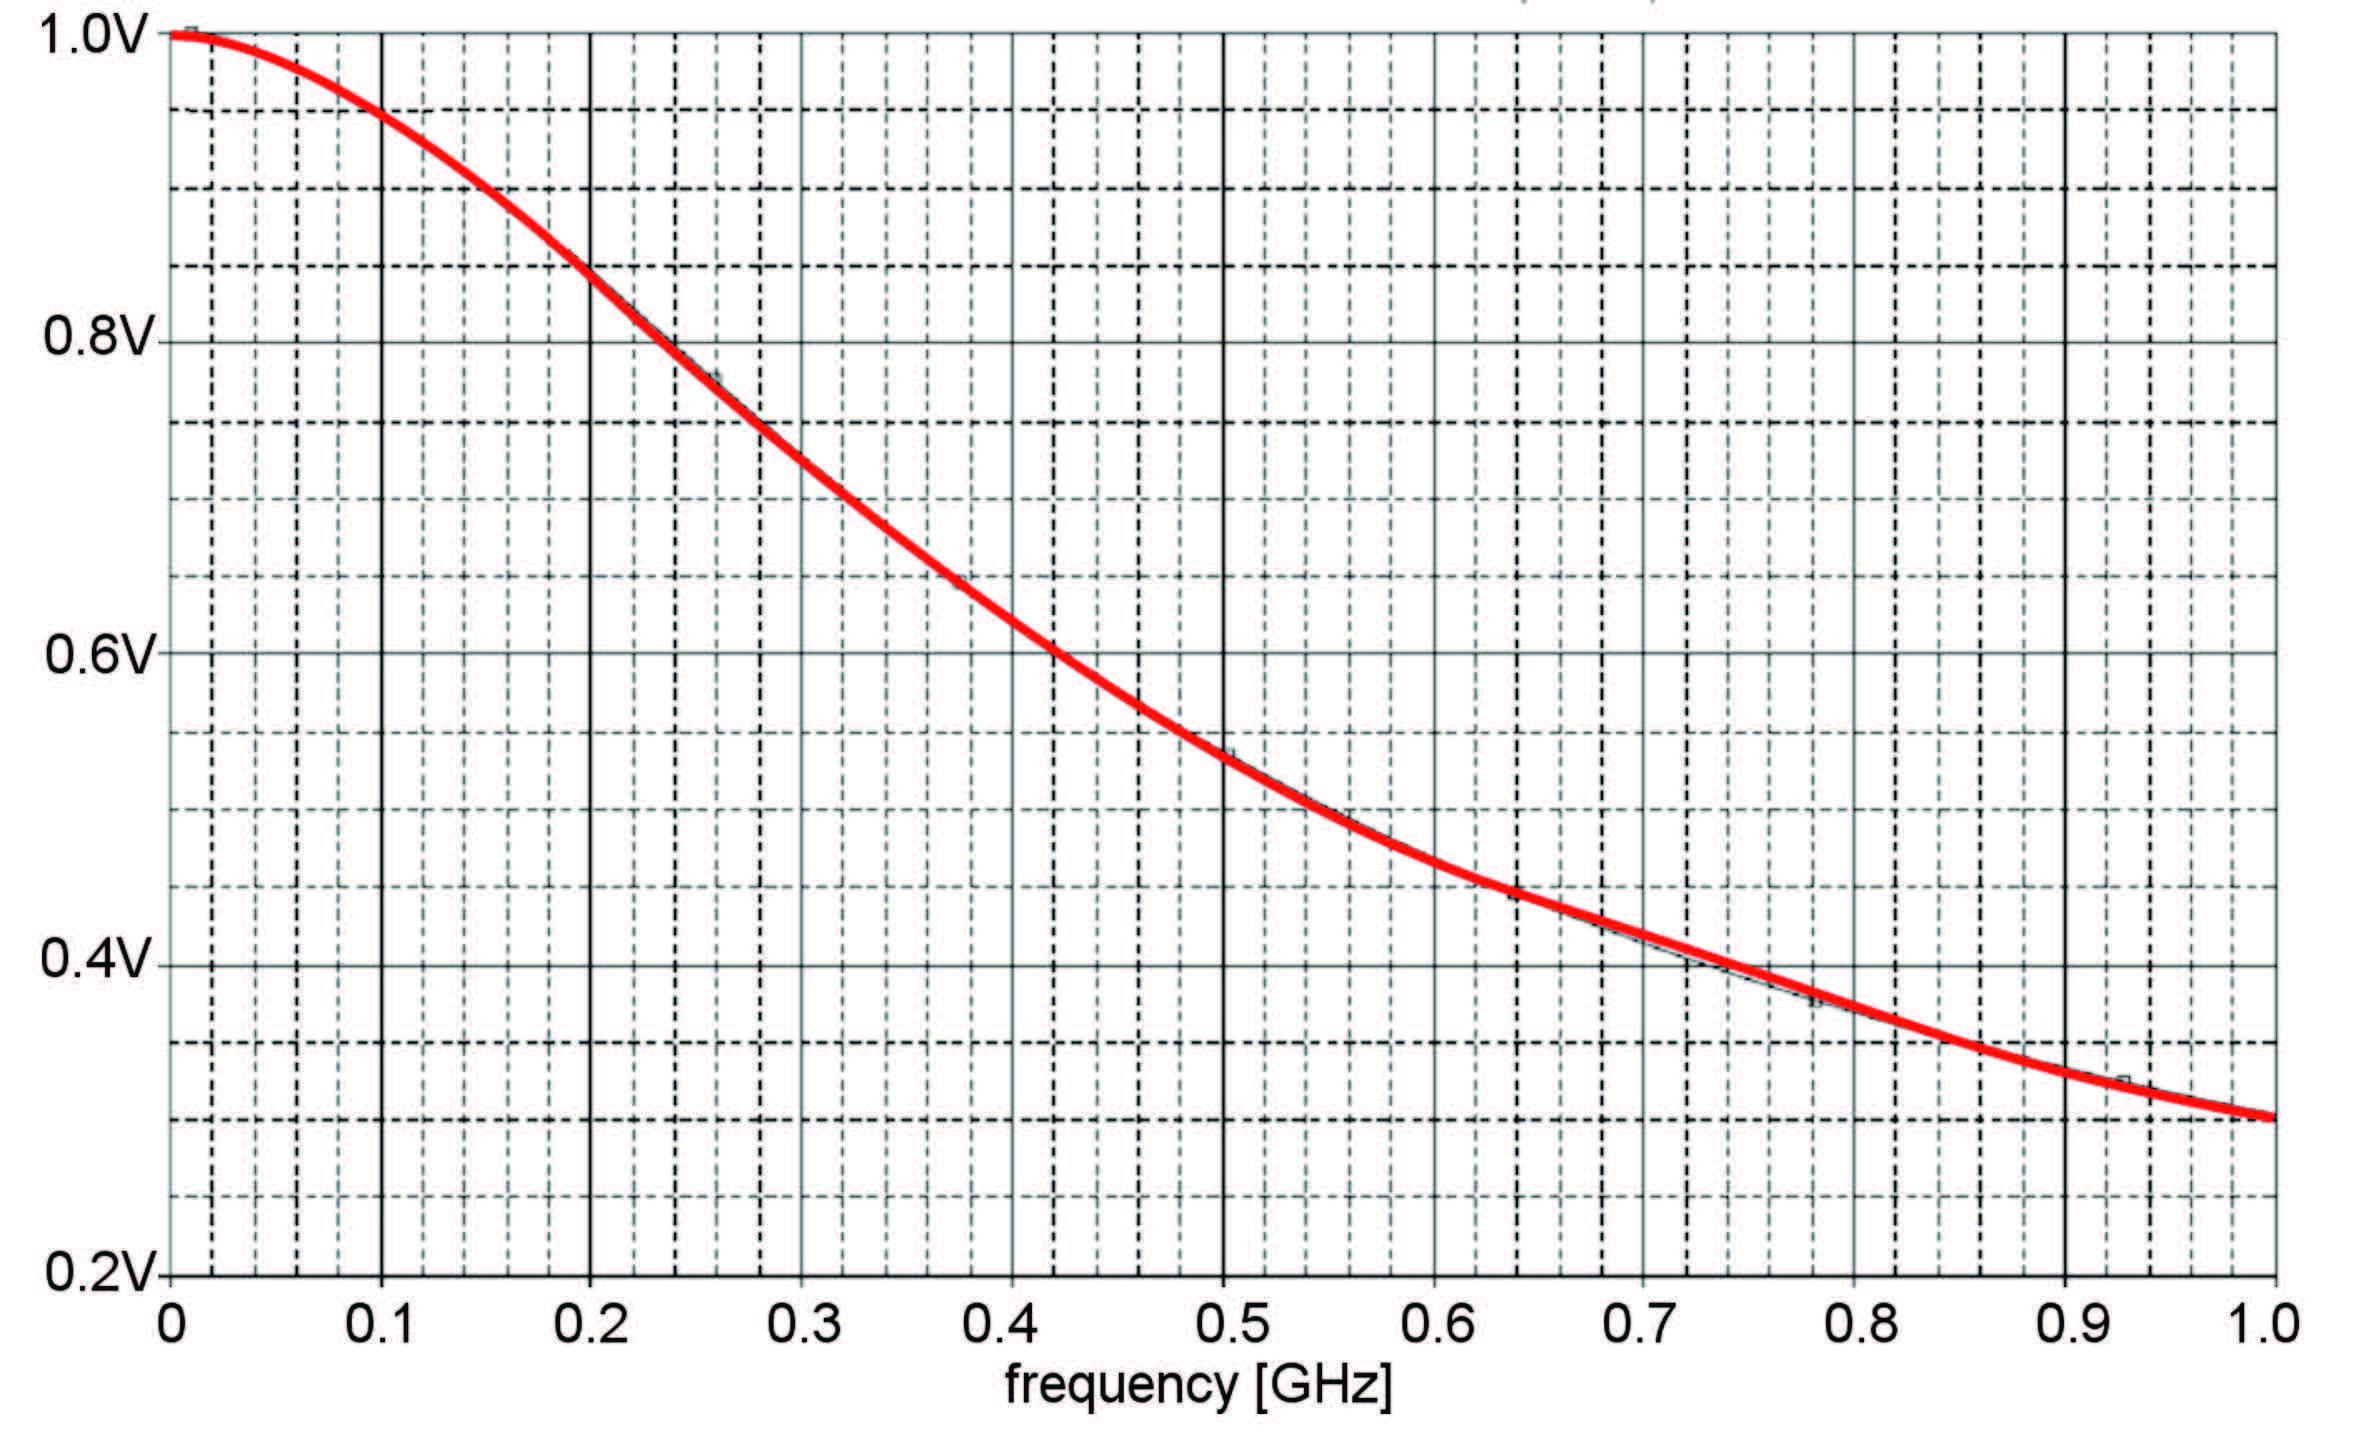 Figura 2: ampiezza del Segnale trasmesso allo strumento in funzione della frequenza.